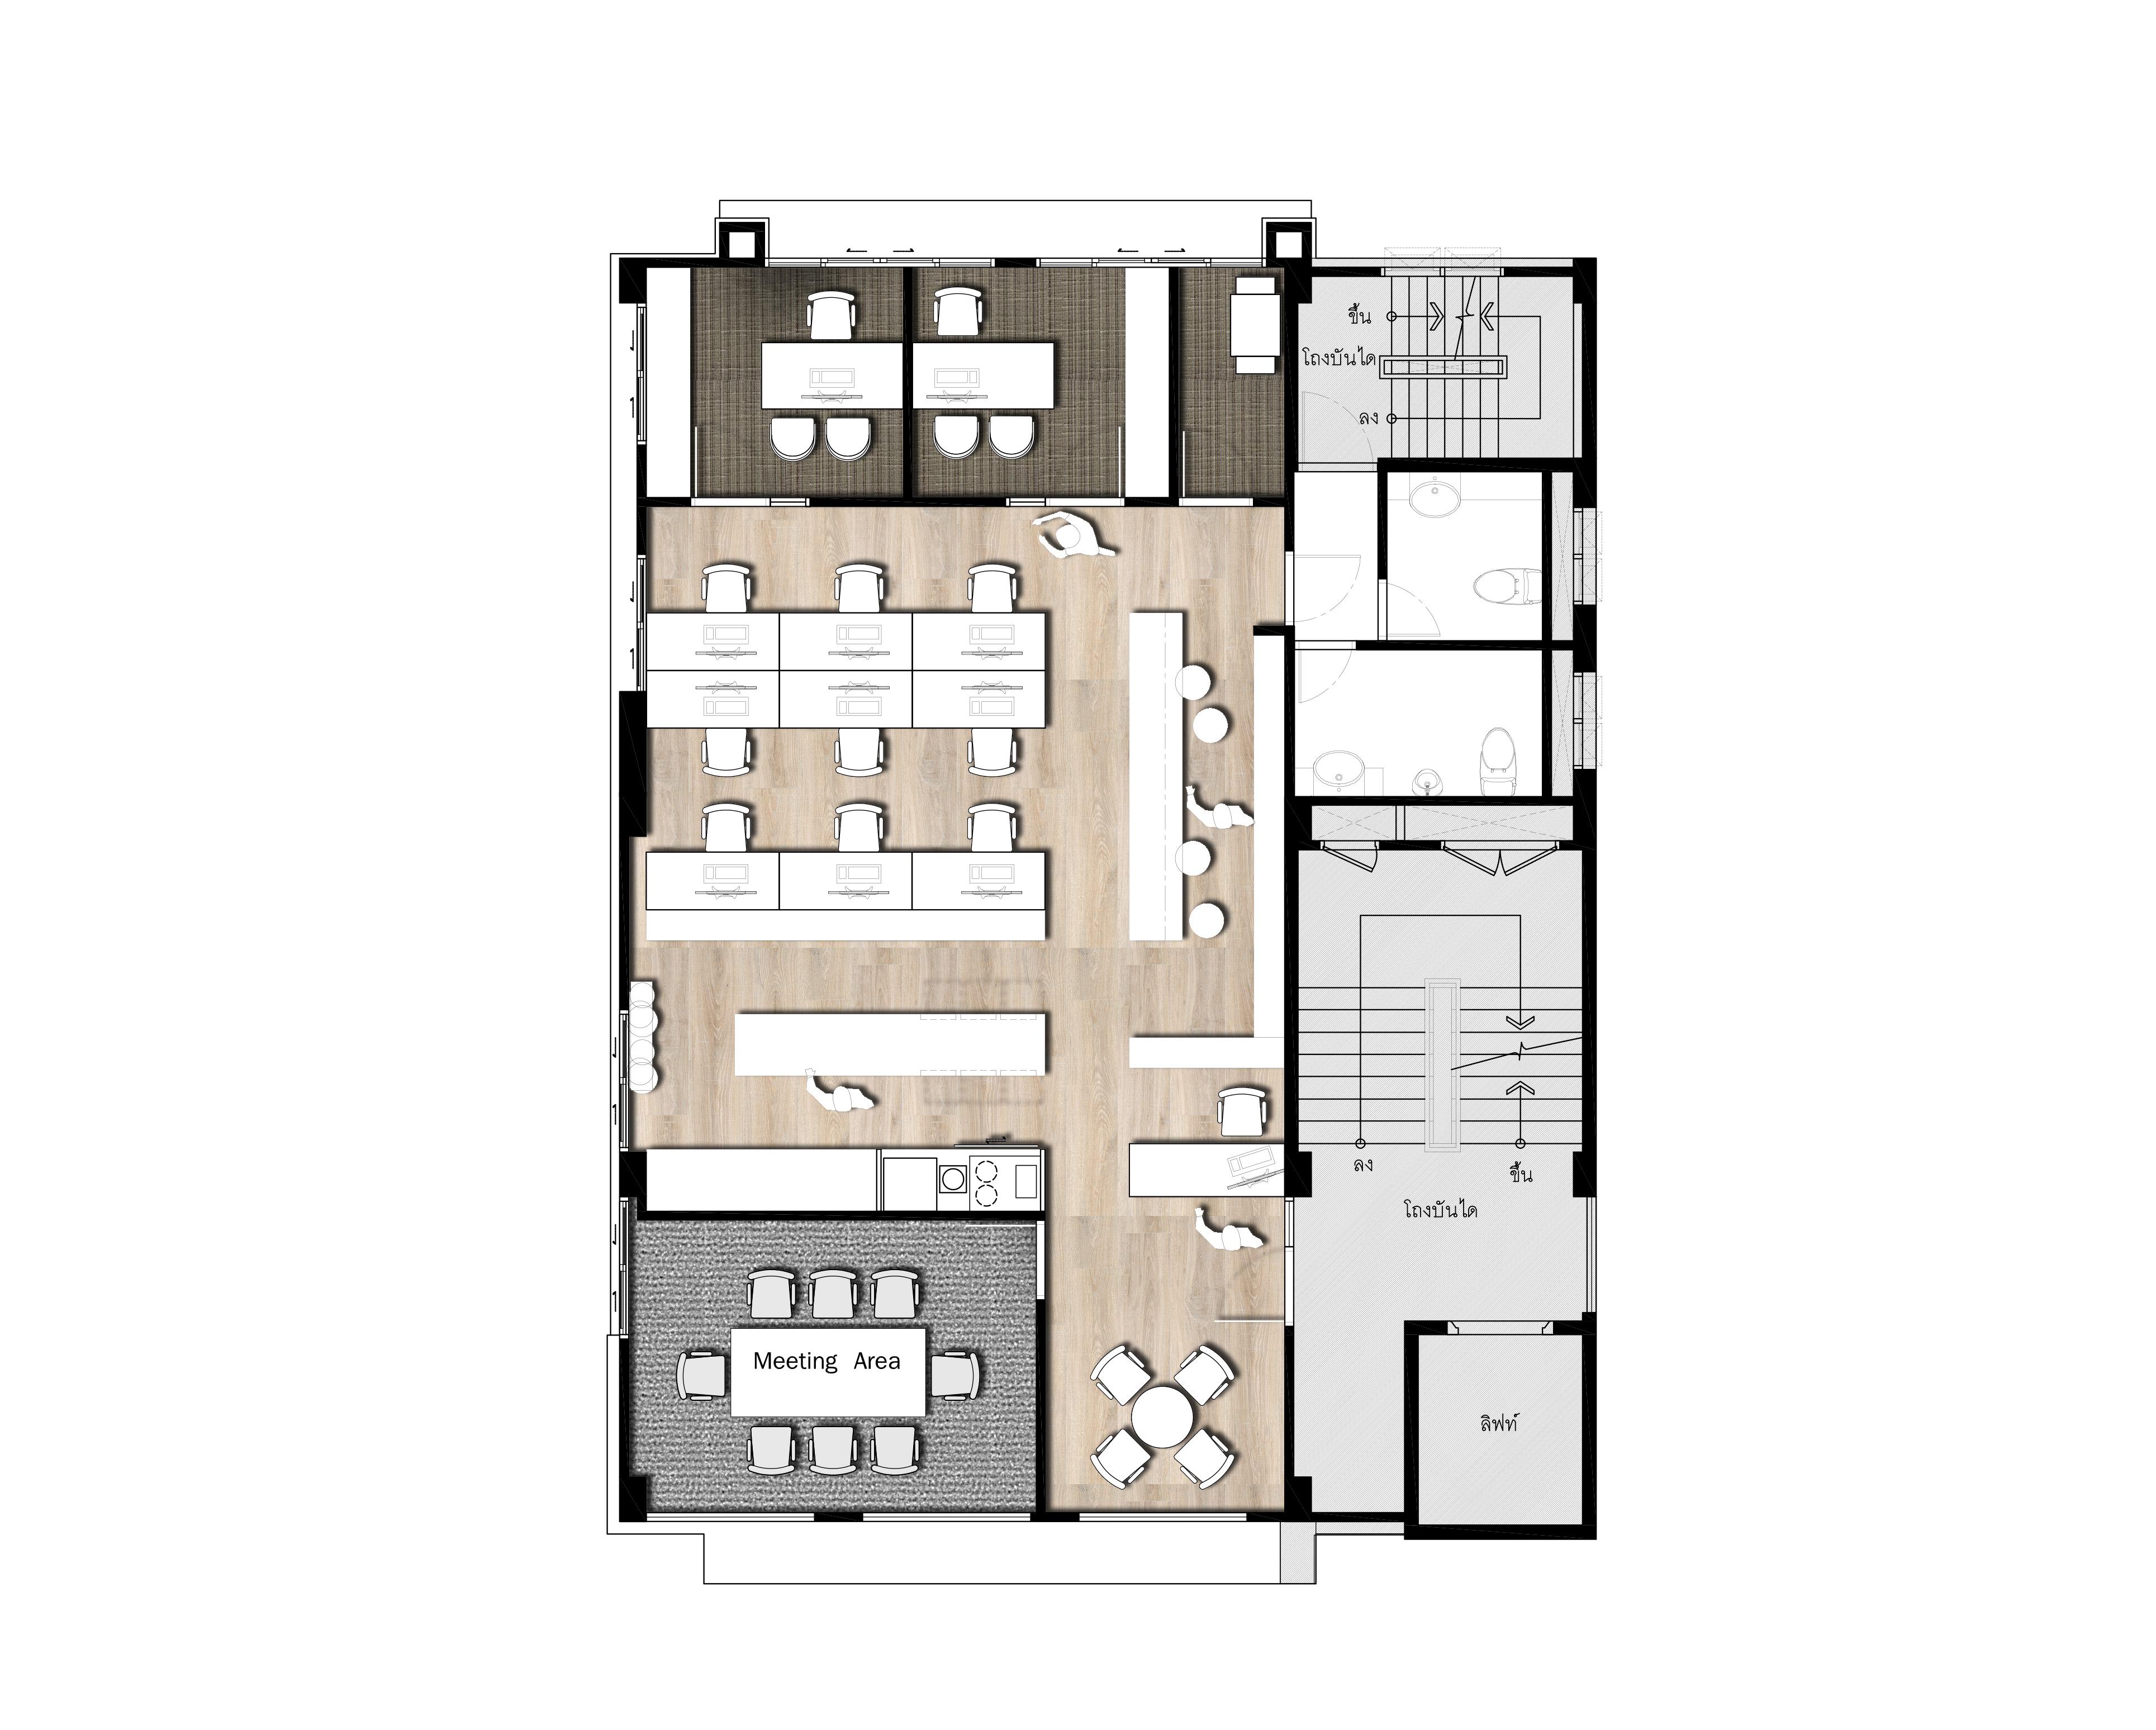 10DESIGN 10 OFFICE FLOOR PLAN 2